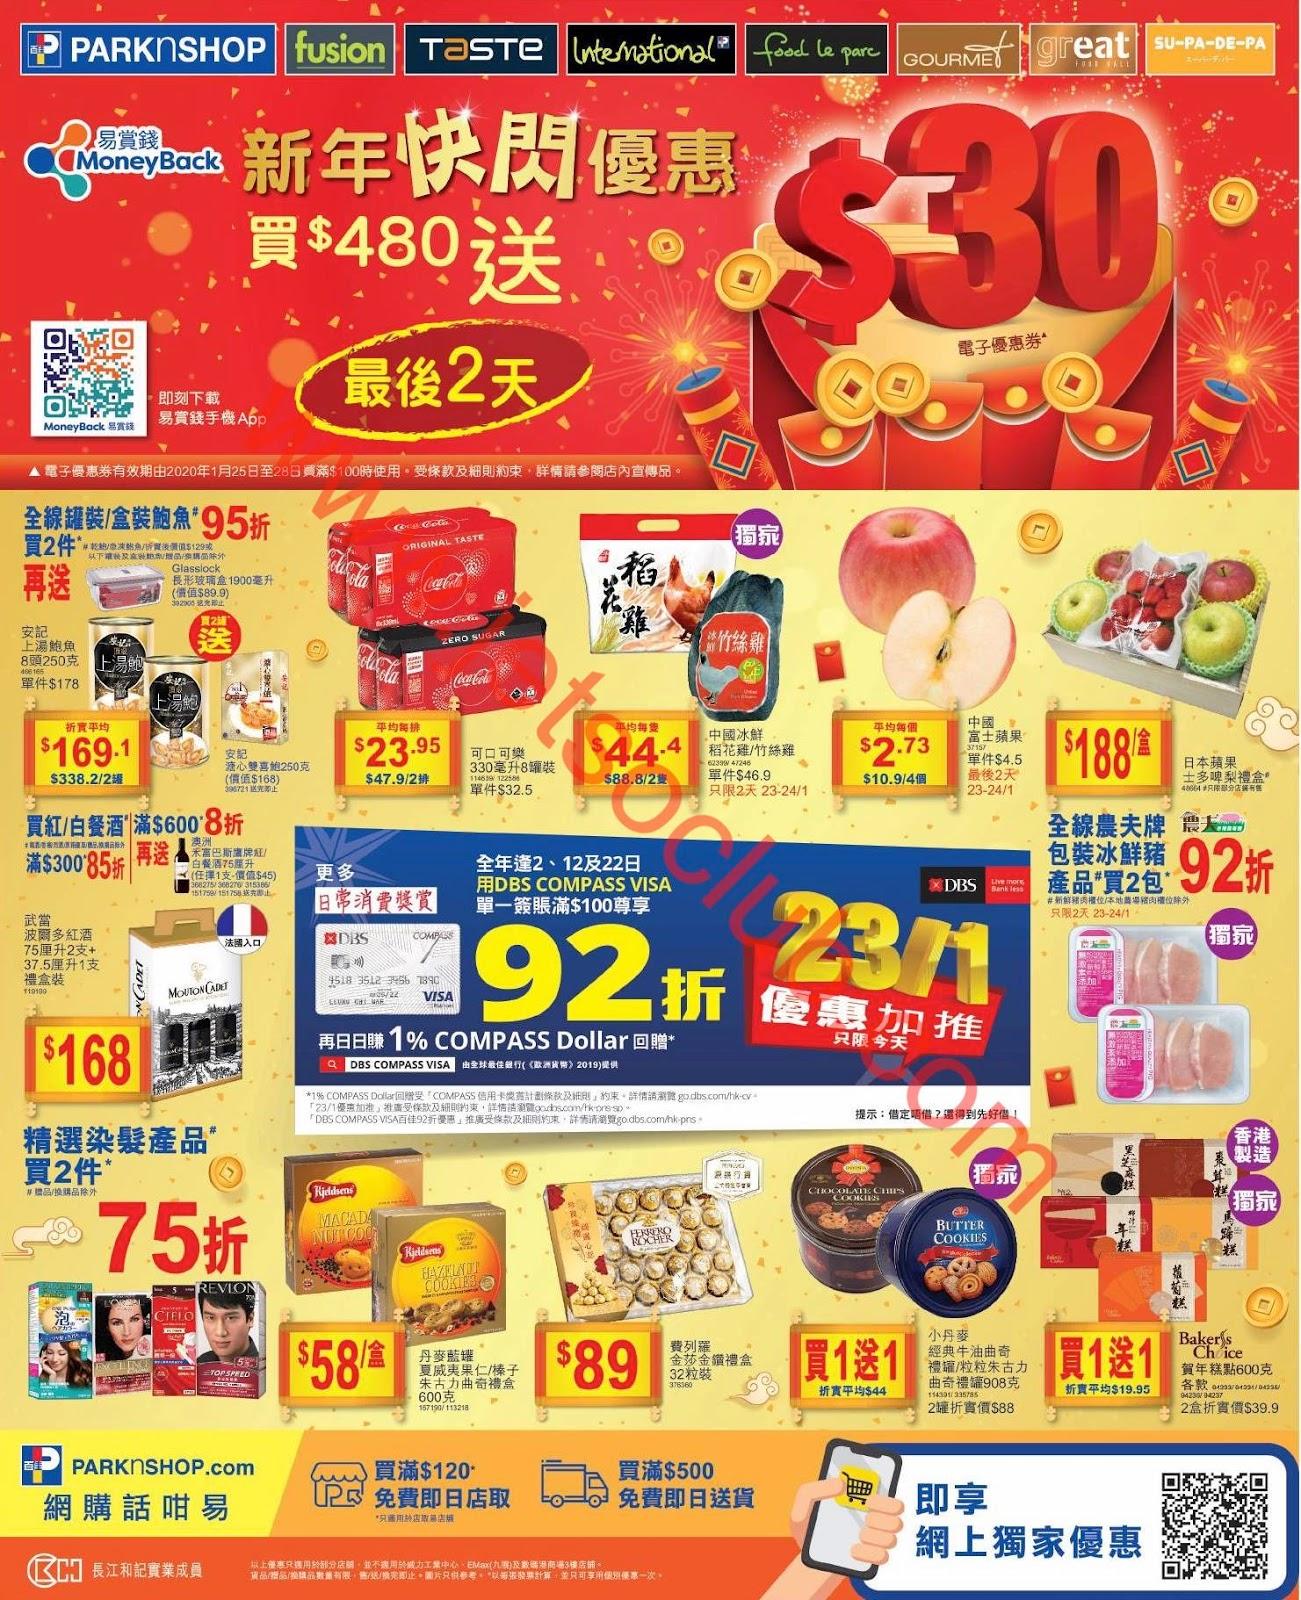 百佳超級市場最新優惠(23/1) ( Jetso Club 著數俱樂部 )